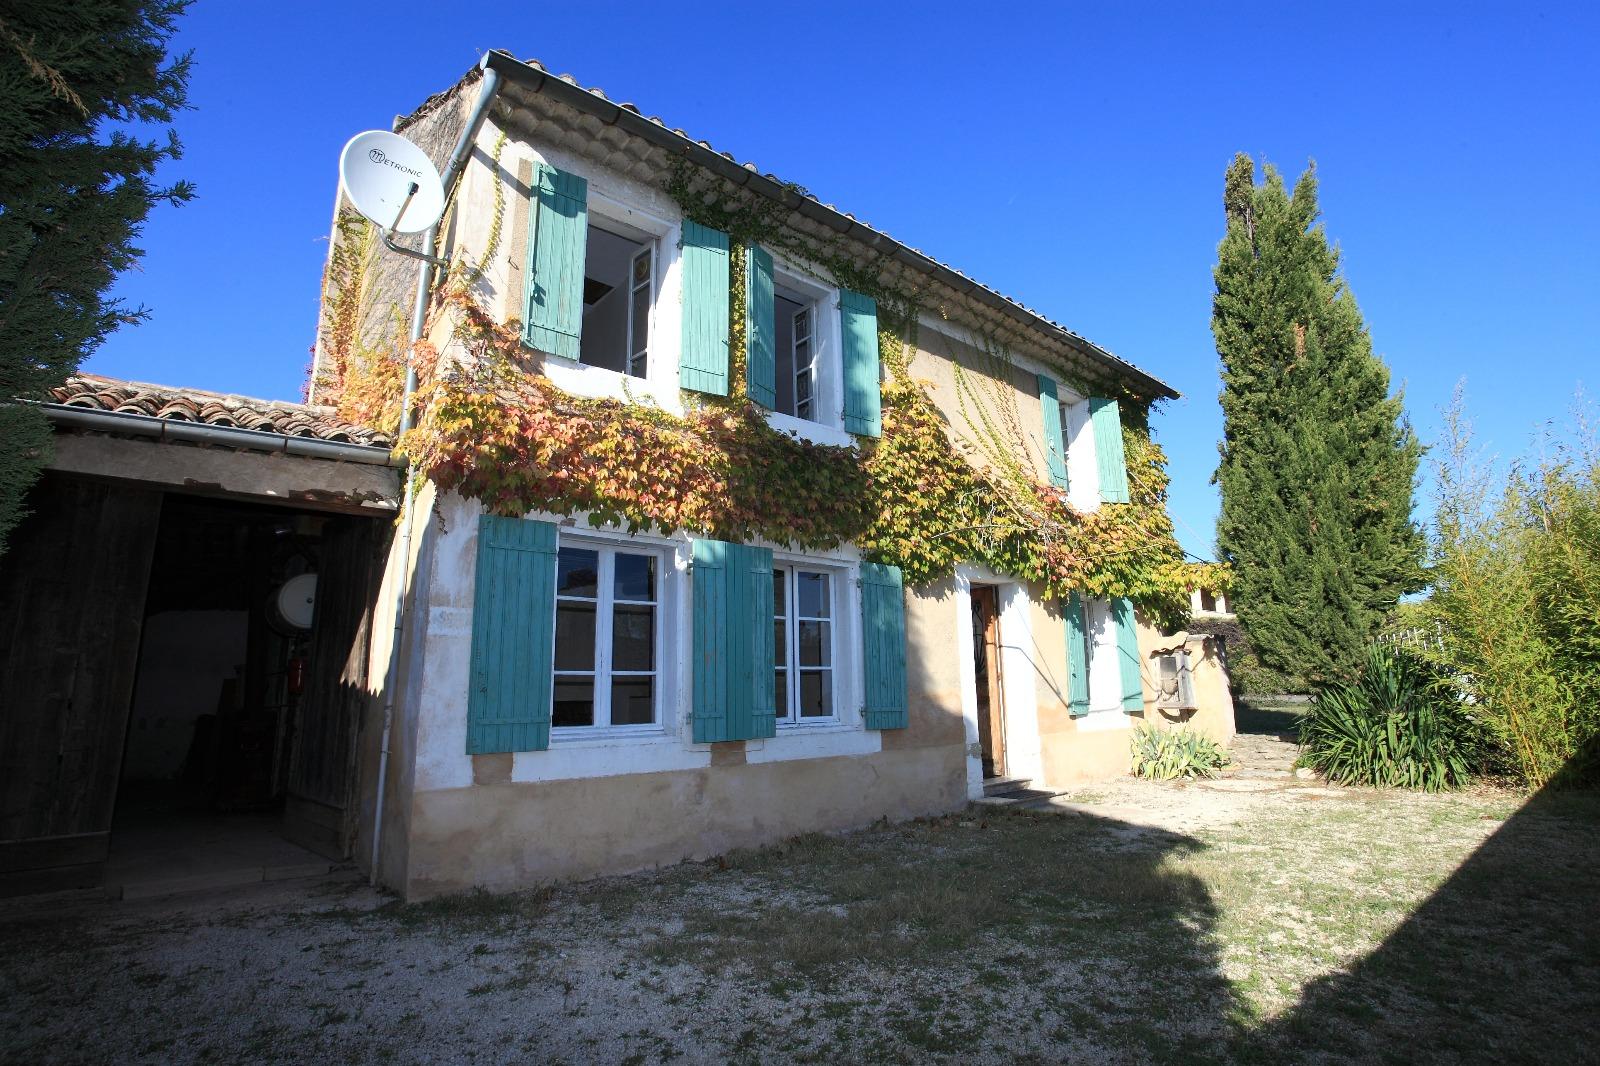 Maison de hameau vendre proche de gordes 3 chambres for Achat maison gordes